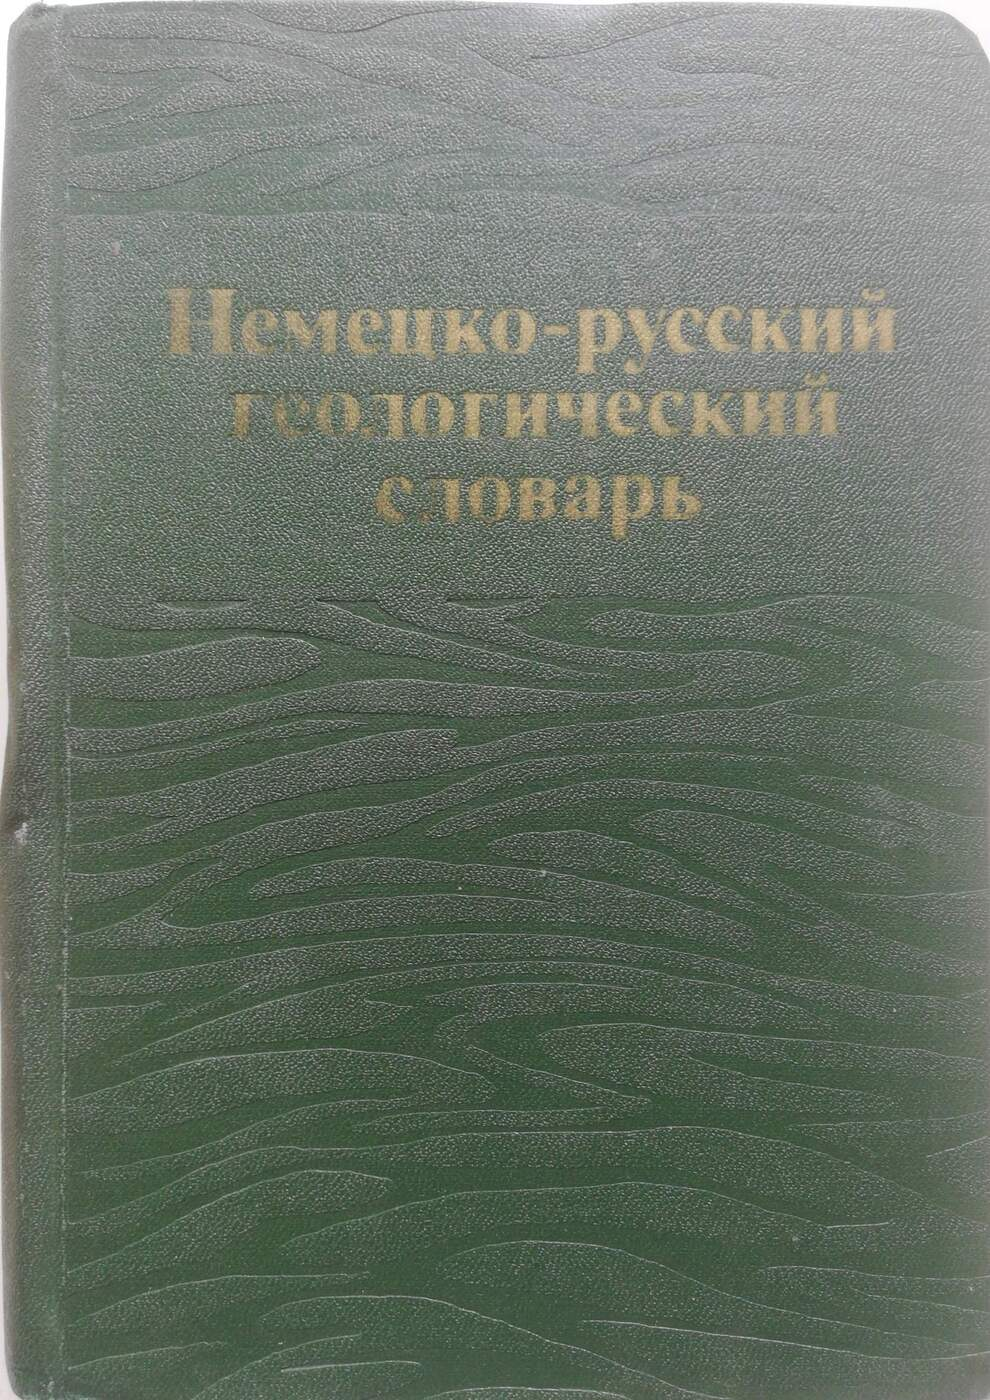 Е. Бурштейн Немецко-русский геологический словарь